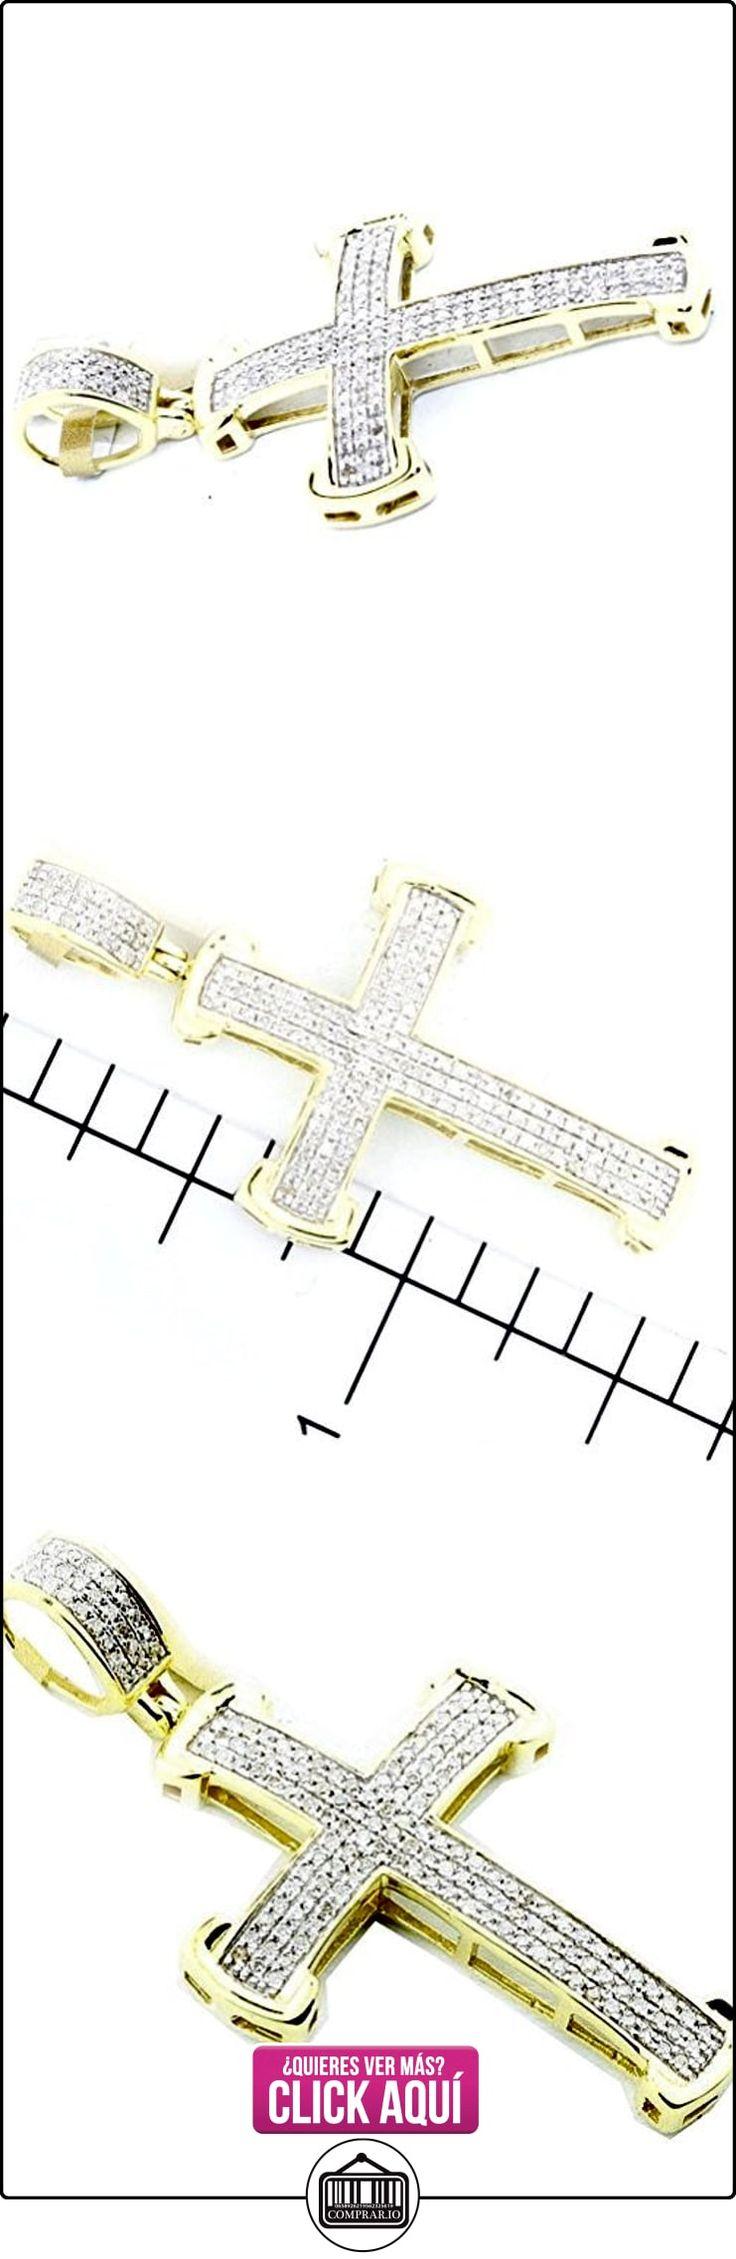 pendants-midwestjewellery Hombre Colgante de Cruz 10K 1/3cttw Diamonds, 40mm de alto (0,33quilates), color dorado  ✿ Joyas para hombres especiales - lujo ✿ ▬► Ver oferta: http://comprar.io/goto/B00LMKC4OC